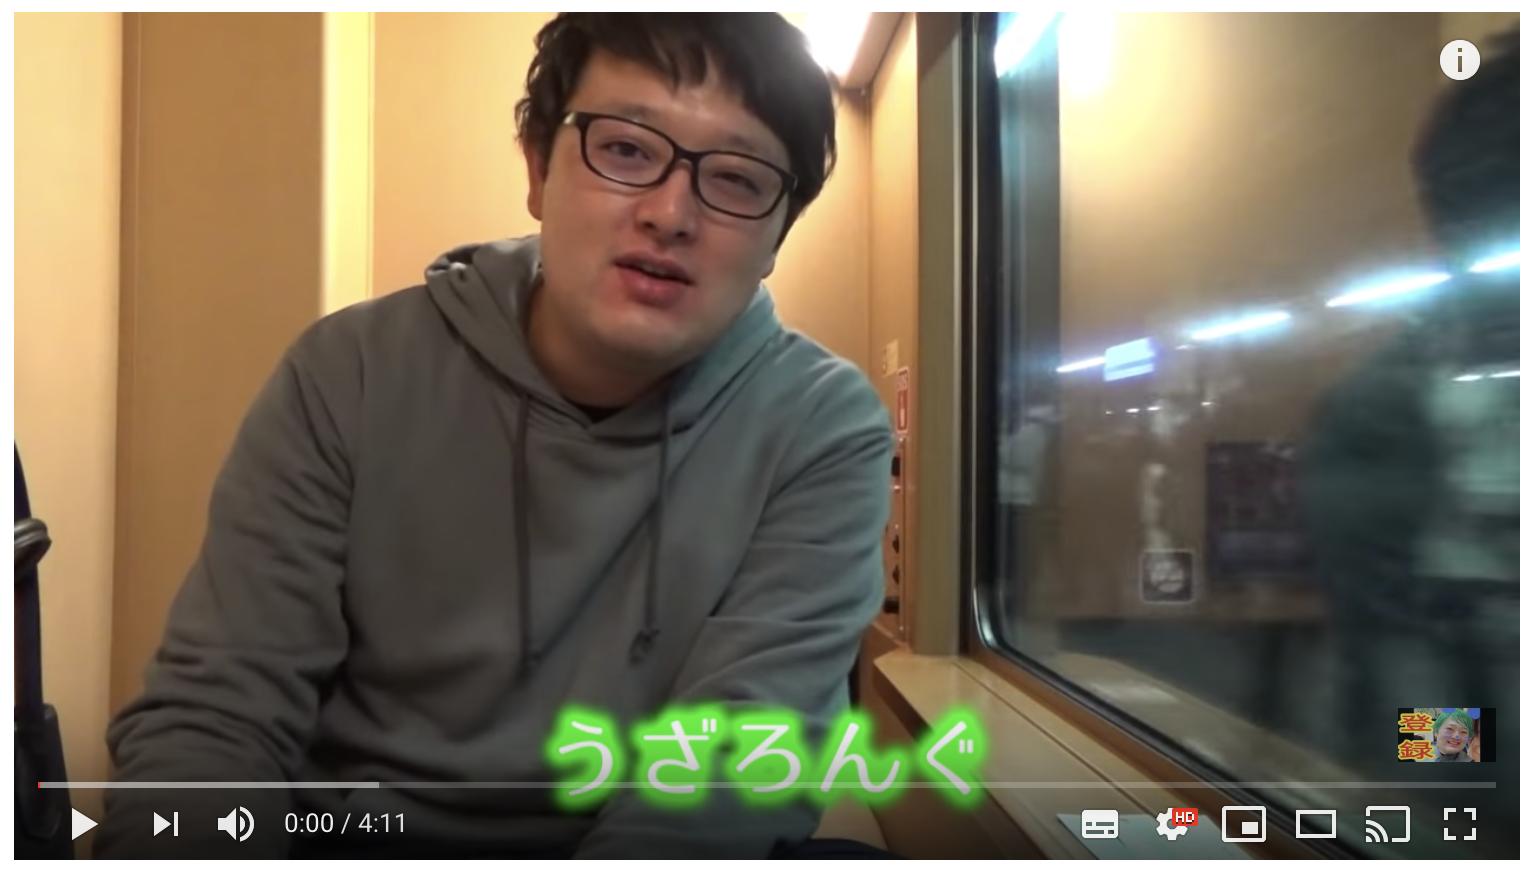 鉄道YouTuber逮捕 うざろんぐ 窃盗繰り返し、旅の資金にした疑い